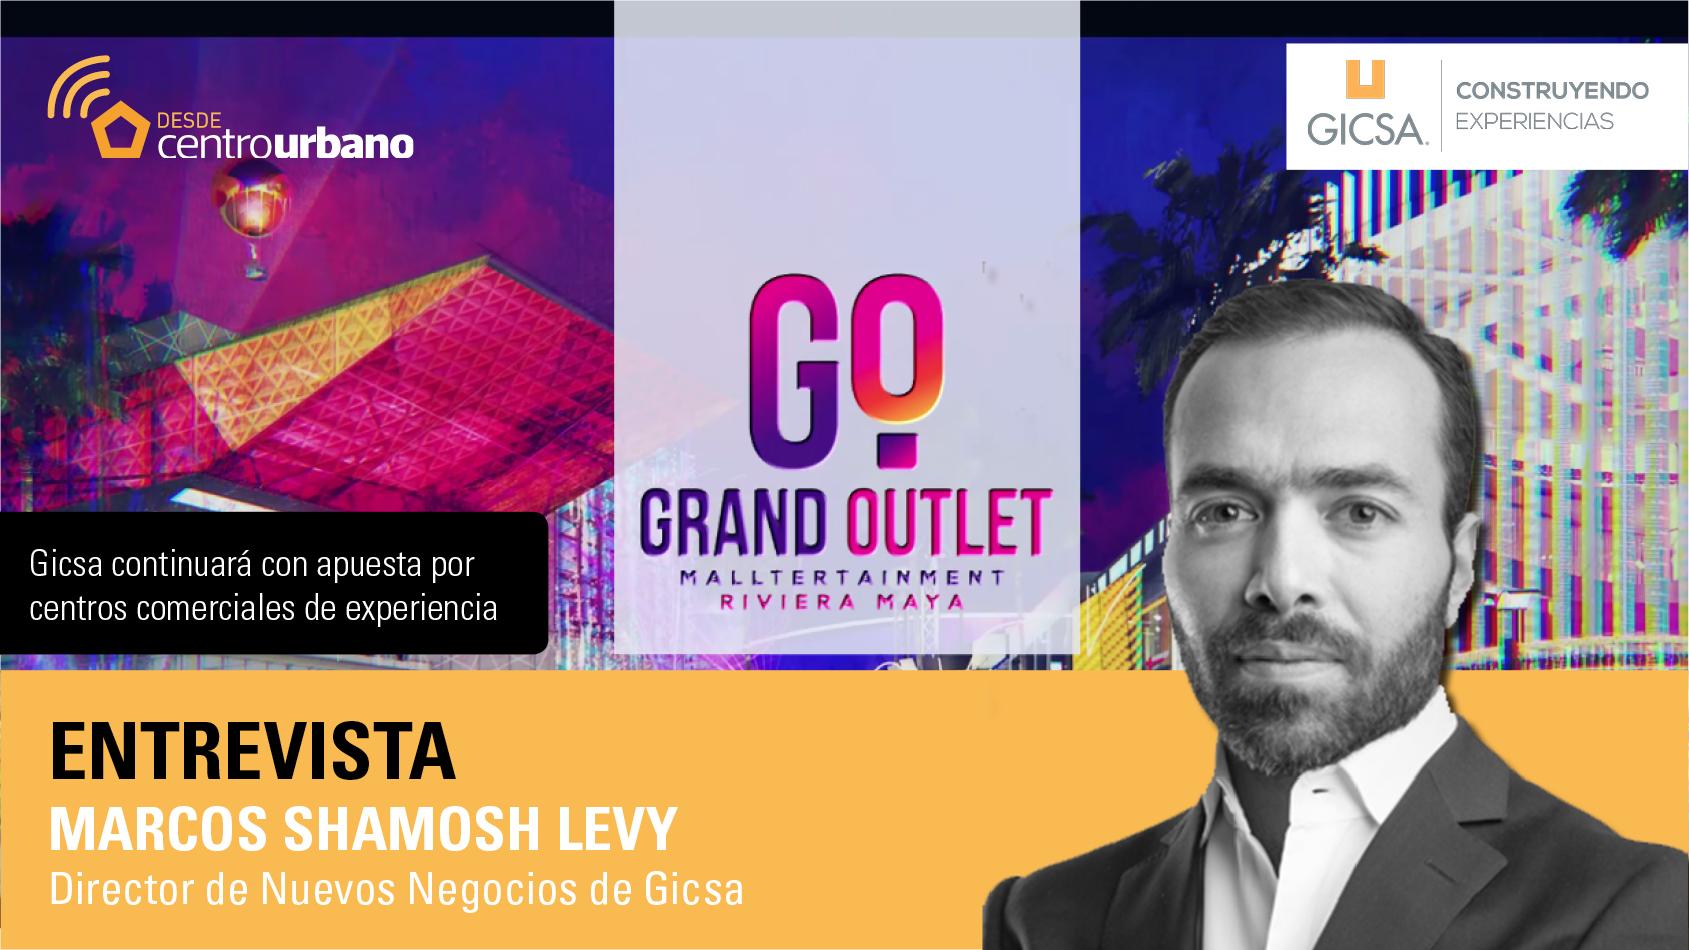 Gicsa continuará con apuesta por centros comerciales de experiencia